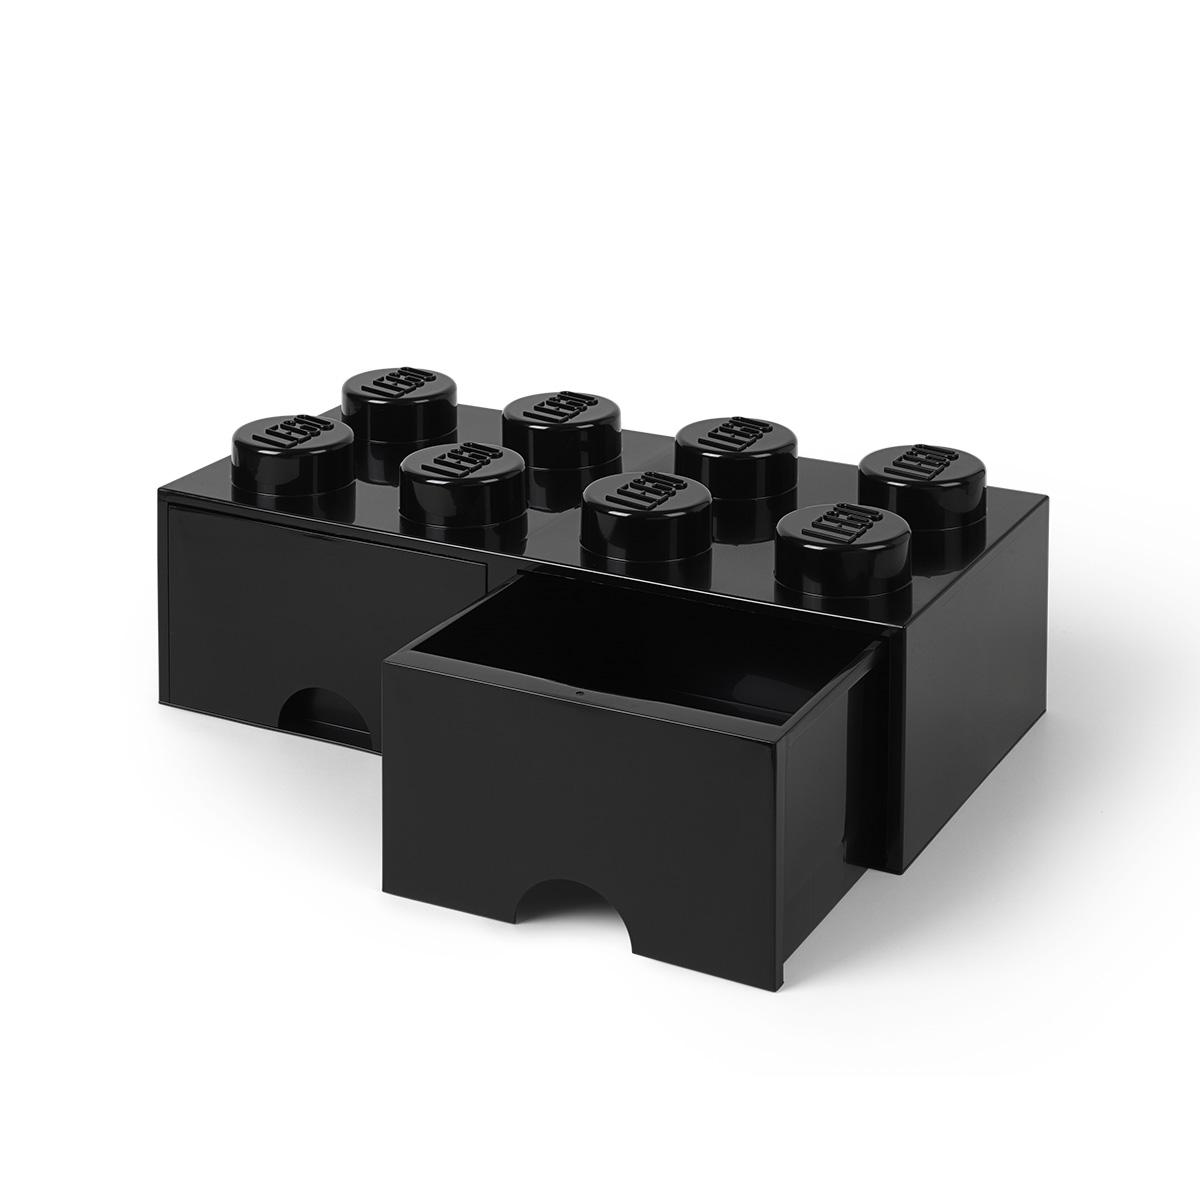 LEGO opbevaringskasse med 2 skuffer - Sort